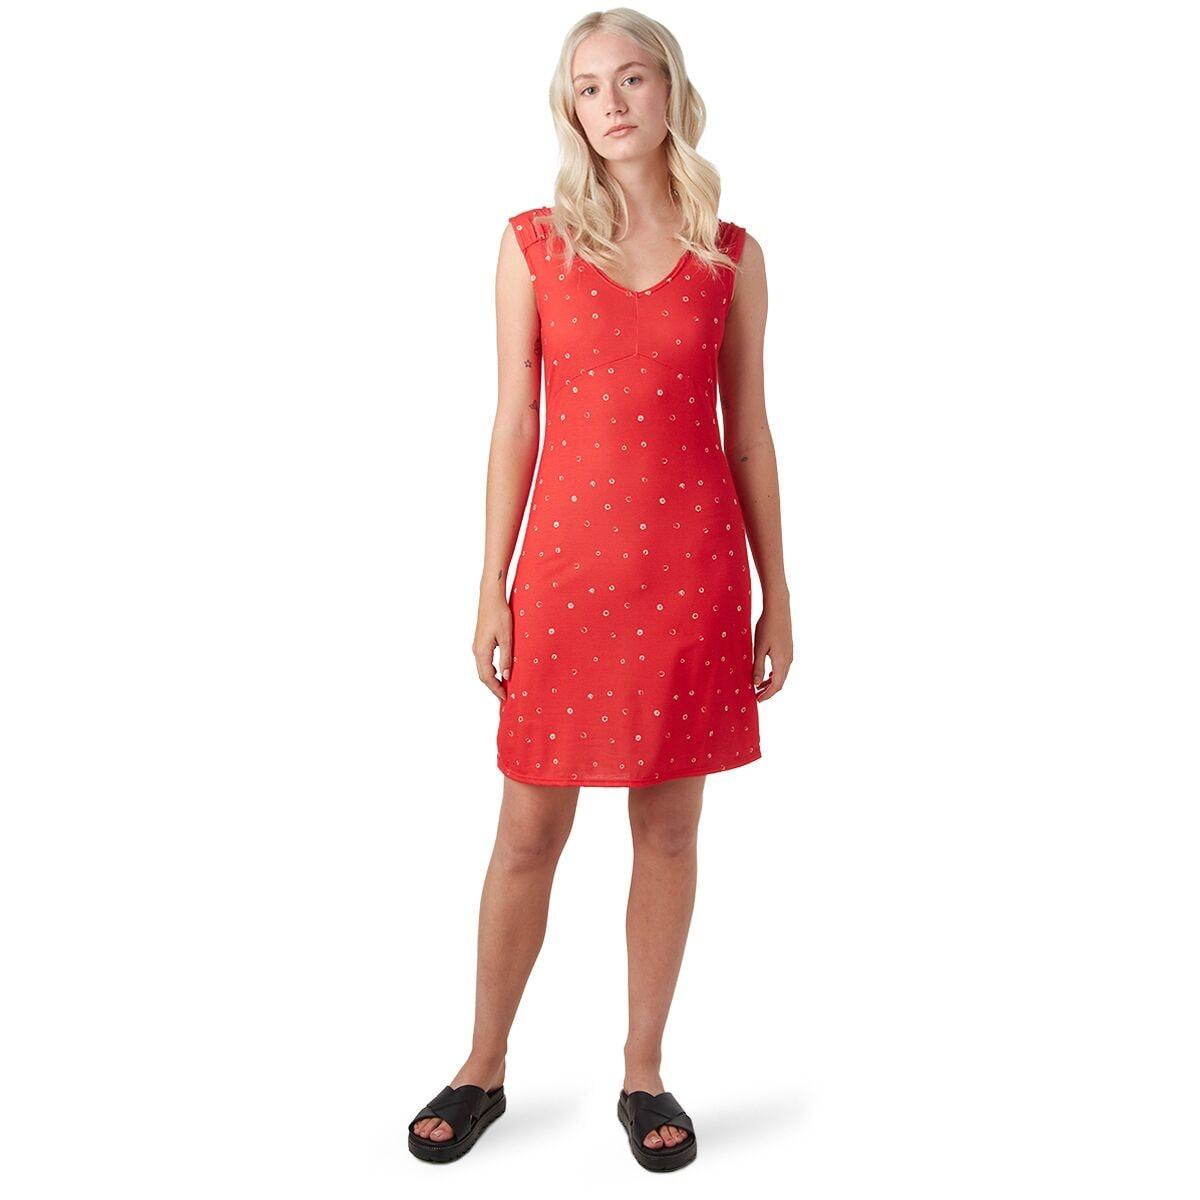 Annabelle Dress - Women